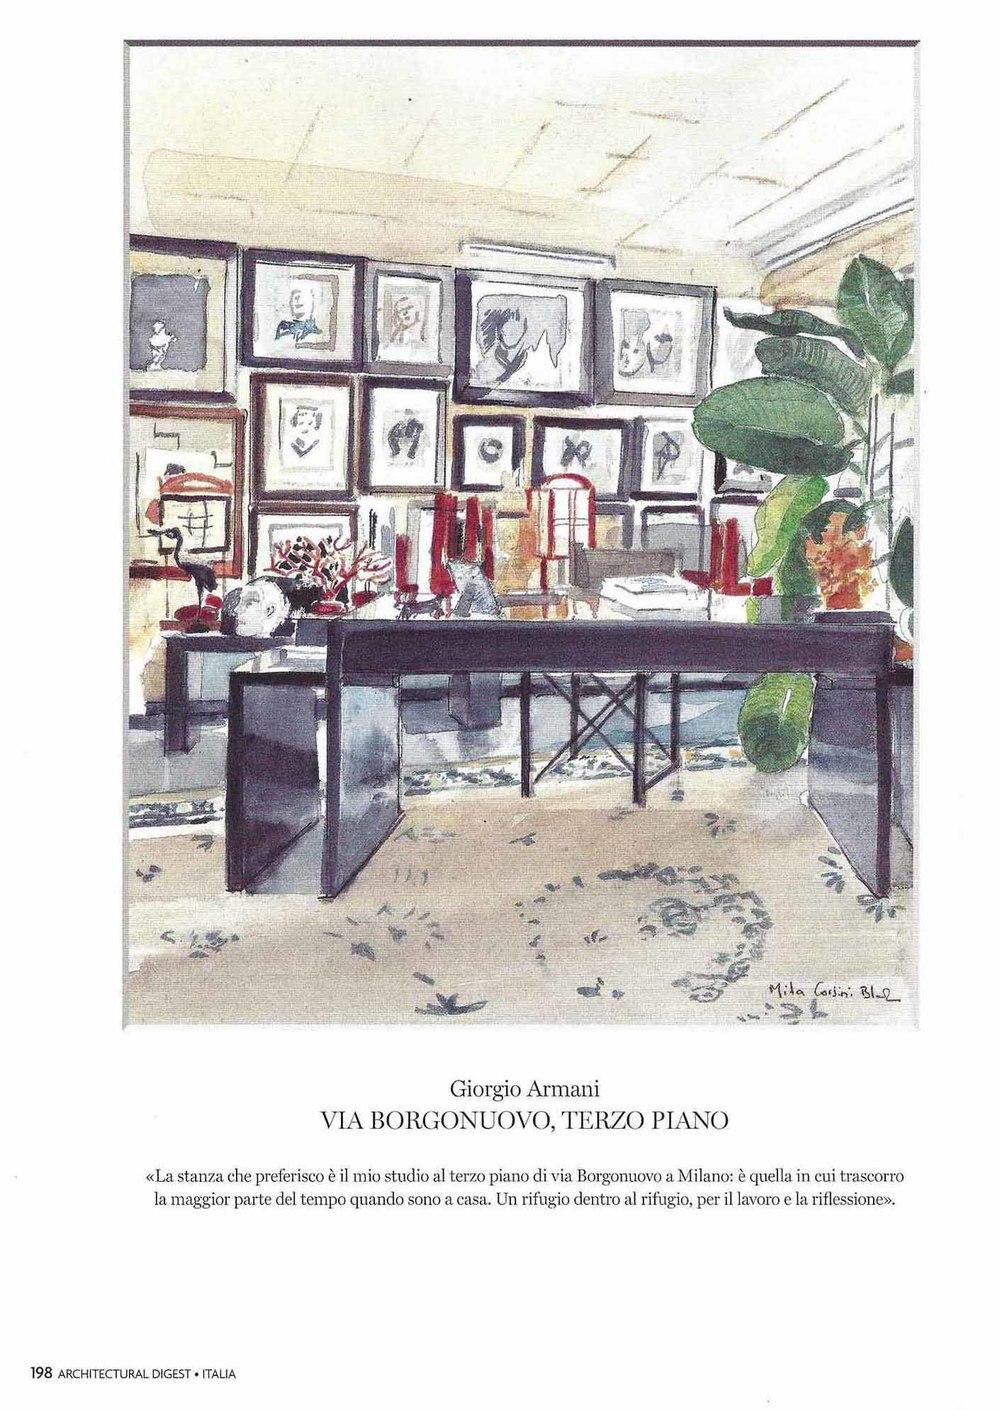 Giorgio Armani - Studio